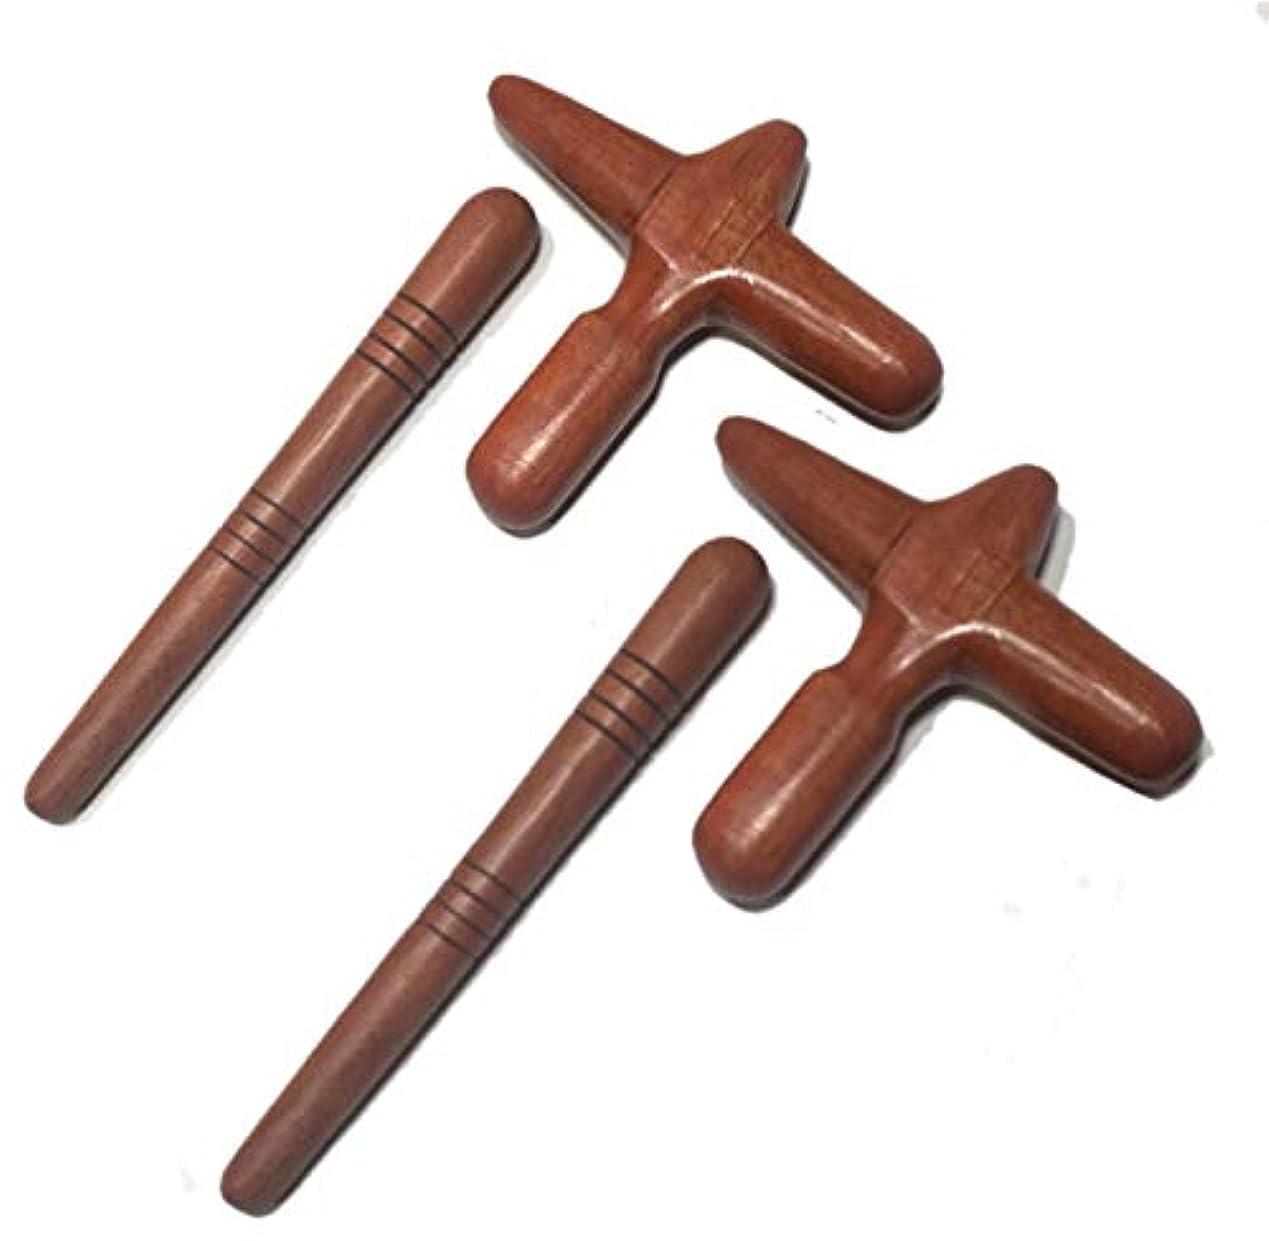 果てしないストラップ例木製 ツボ押し棒 2種類×2セット 足裏マッサージ棒 足つぼ フットマッサージ棒 (2)